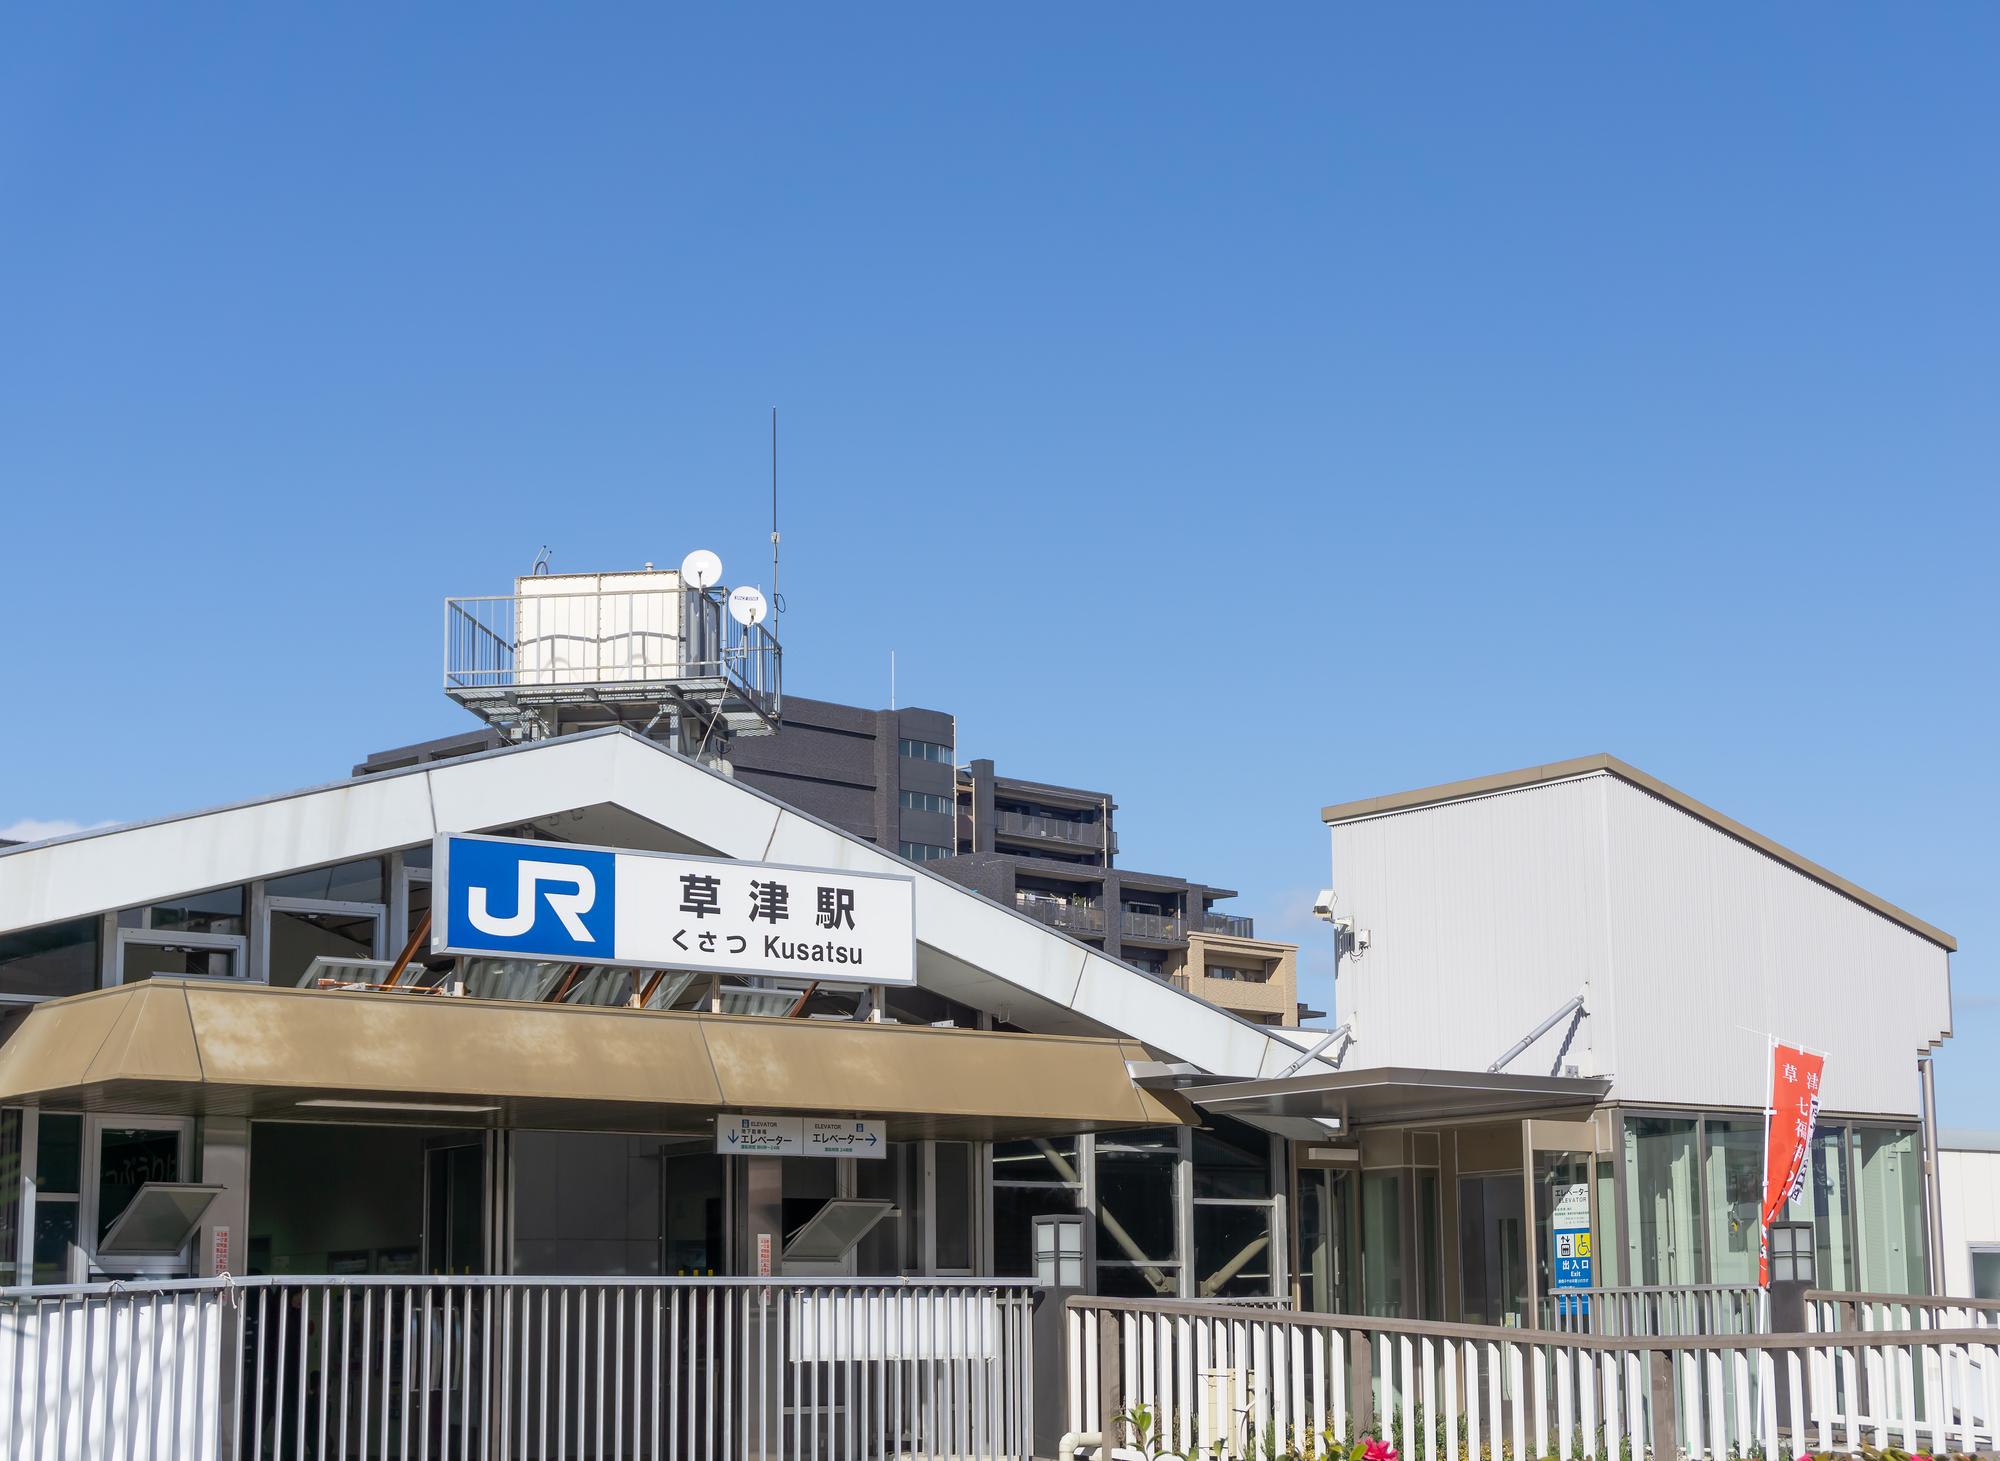 土曜にも通える!草津駅(滋賀県)近くにある歯医者4院のおすすめポイント